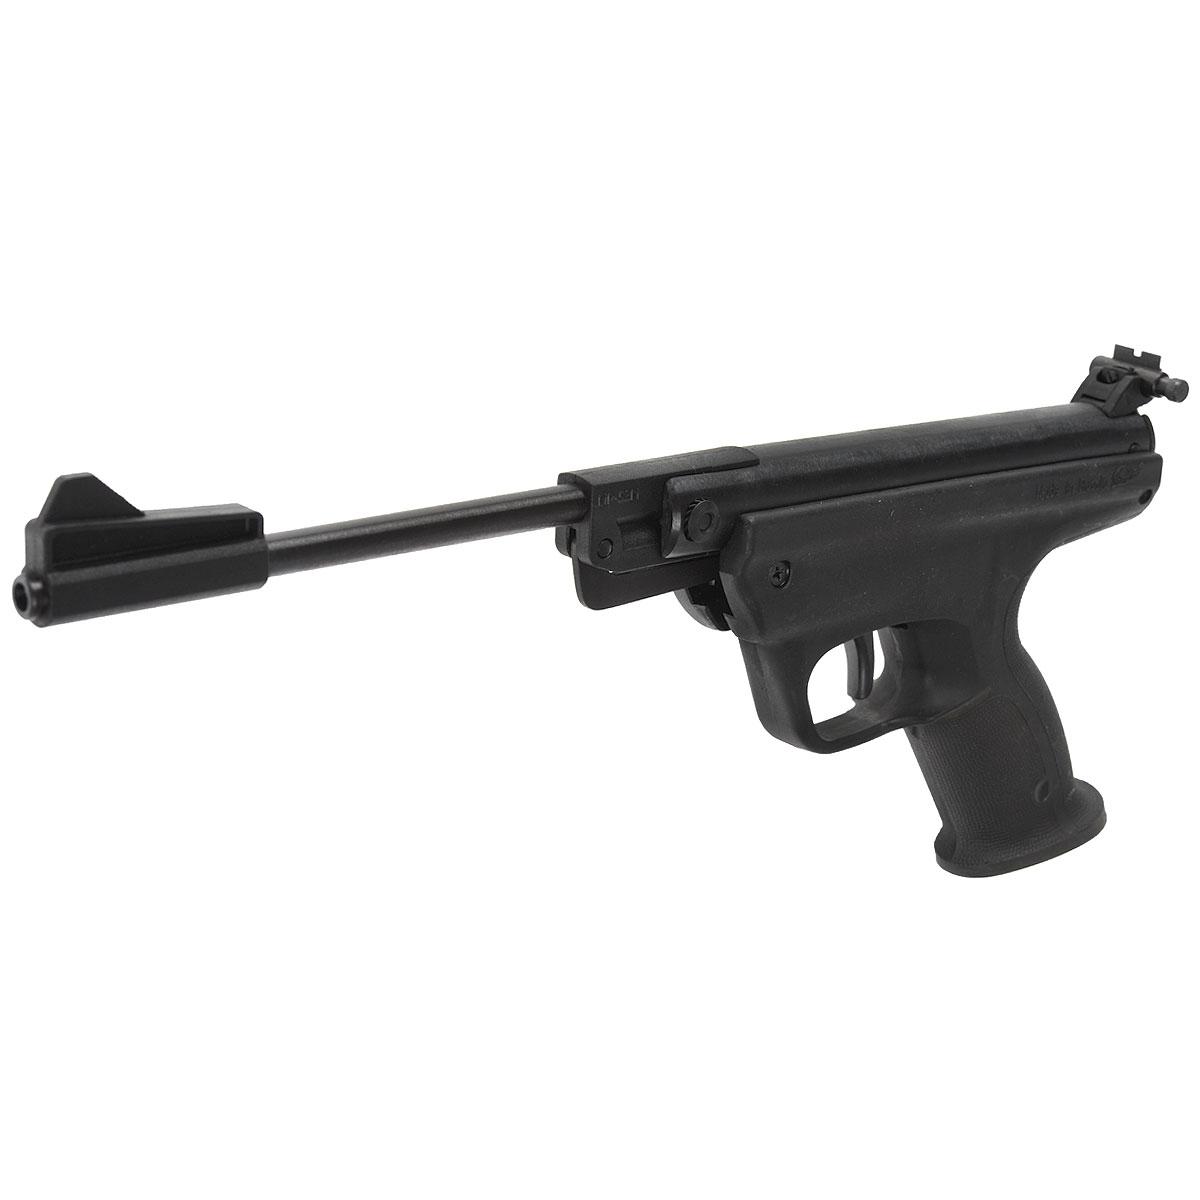 """Пневматический пистолет """"Байкал"""" МР-53М для тренировочной и развлекательной стрельбы. Прост и надёжен в эксплуатации.Классическая пружинно-поршневая конструкция , взведение боевой пружины осуществляется поворотом ствола в вертикальной плоскости (перелом вниз). Предохранительные механизмы обеспечивают безопасность в обращении с пистолетом: исключен удар стволом при случайном срыве руки во время взведения; происходит блокировка от выстрела при неполностью запертом стволе. Эргономичная пластмассовая рукоятка позволяет одинаково комфортно стрелять как с правой, так и с левой руки. Спусковой механизм с регулировкой длины рабочего хода спускового крючка. Прицел с микрометрической регулировкой по горизонтали и вертикали, с изменяемой длиной прицельной линии.Емкость магазина: 1 Вес: 1200 гВзвод """"переламыванием"""" ствола Уважаемые покупатели, при использовании пневматики соблюдайте технику безопасности: храните в разряженном состоянии в местах недоступных для детей, не направляйте на людей и животных, при стрельбе следите, чтобы в районе мишени не было людей, всегда используйте защитные очки и экипировку, перевозите пневматику в чехлах и сумках, не носите открыто в общественных местах!Перед использованием прочтите инструкцию!Грамотное обращение с пневматикой - залог Вашего приятного отдыха!Уважаемые покупатели, обращаем Ваше внимание, что авиадоставка в нижеперечисленные города этого товара временно недоступна!1. Ангарск2. Благовещенск3. Бодайбо4. Братск5. Владивосток6. Воркута7. Иркутск8. Калининград9. Надым10. Нарьян-Мар11. Находка12. Норильск13. Петропавловск-Камчатский14. Салехард15. Улан-Удэ16. Уссурийск17. Ухта18. Хабаровск19. Чита20. Энергетик21. Южно-Сахалинск22. ЯкутскВозврат  товара  возможен только при наличии заключения сервисного центра.Время работы сервисного центра: Пн-чт: 10.00-18.00Пт: 10.00- 17.00Сб, Вс: выходные дниАдрес: ООО """"ГАТО"""", 121471, г.Москва,  ул.  Петра  Алексеева,  д  12., тел. (495)232-4670, gato@gato.ru"""